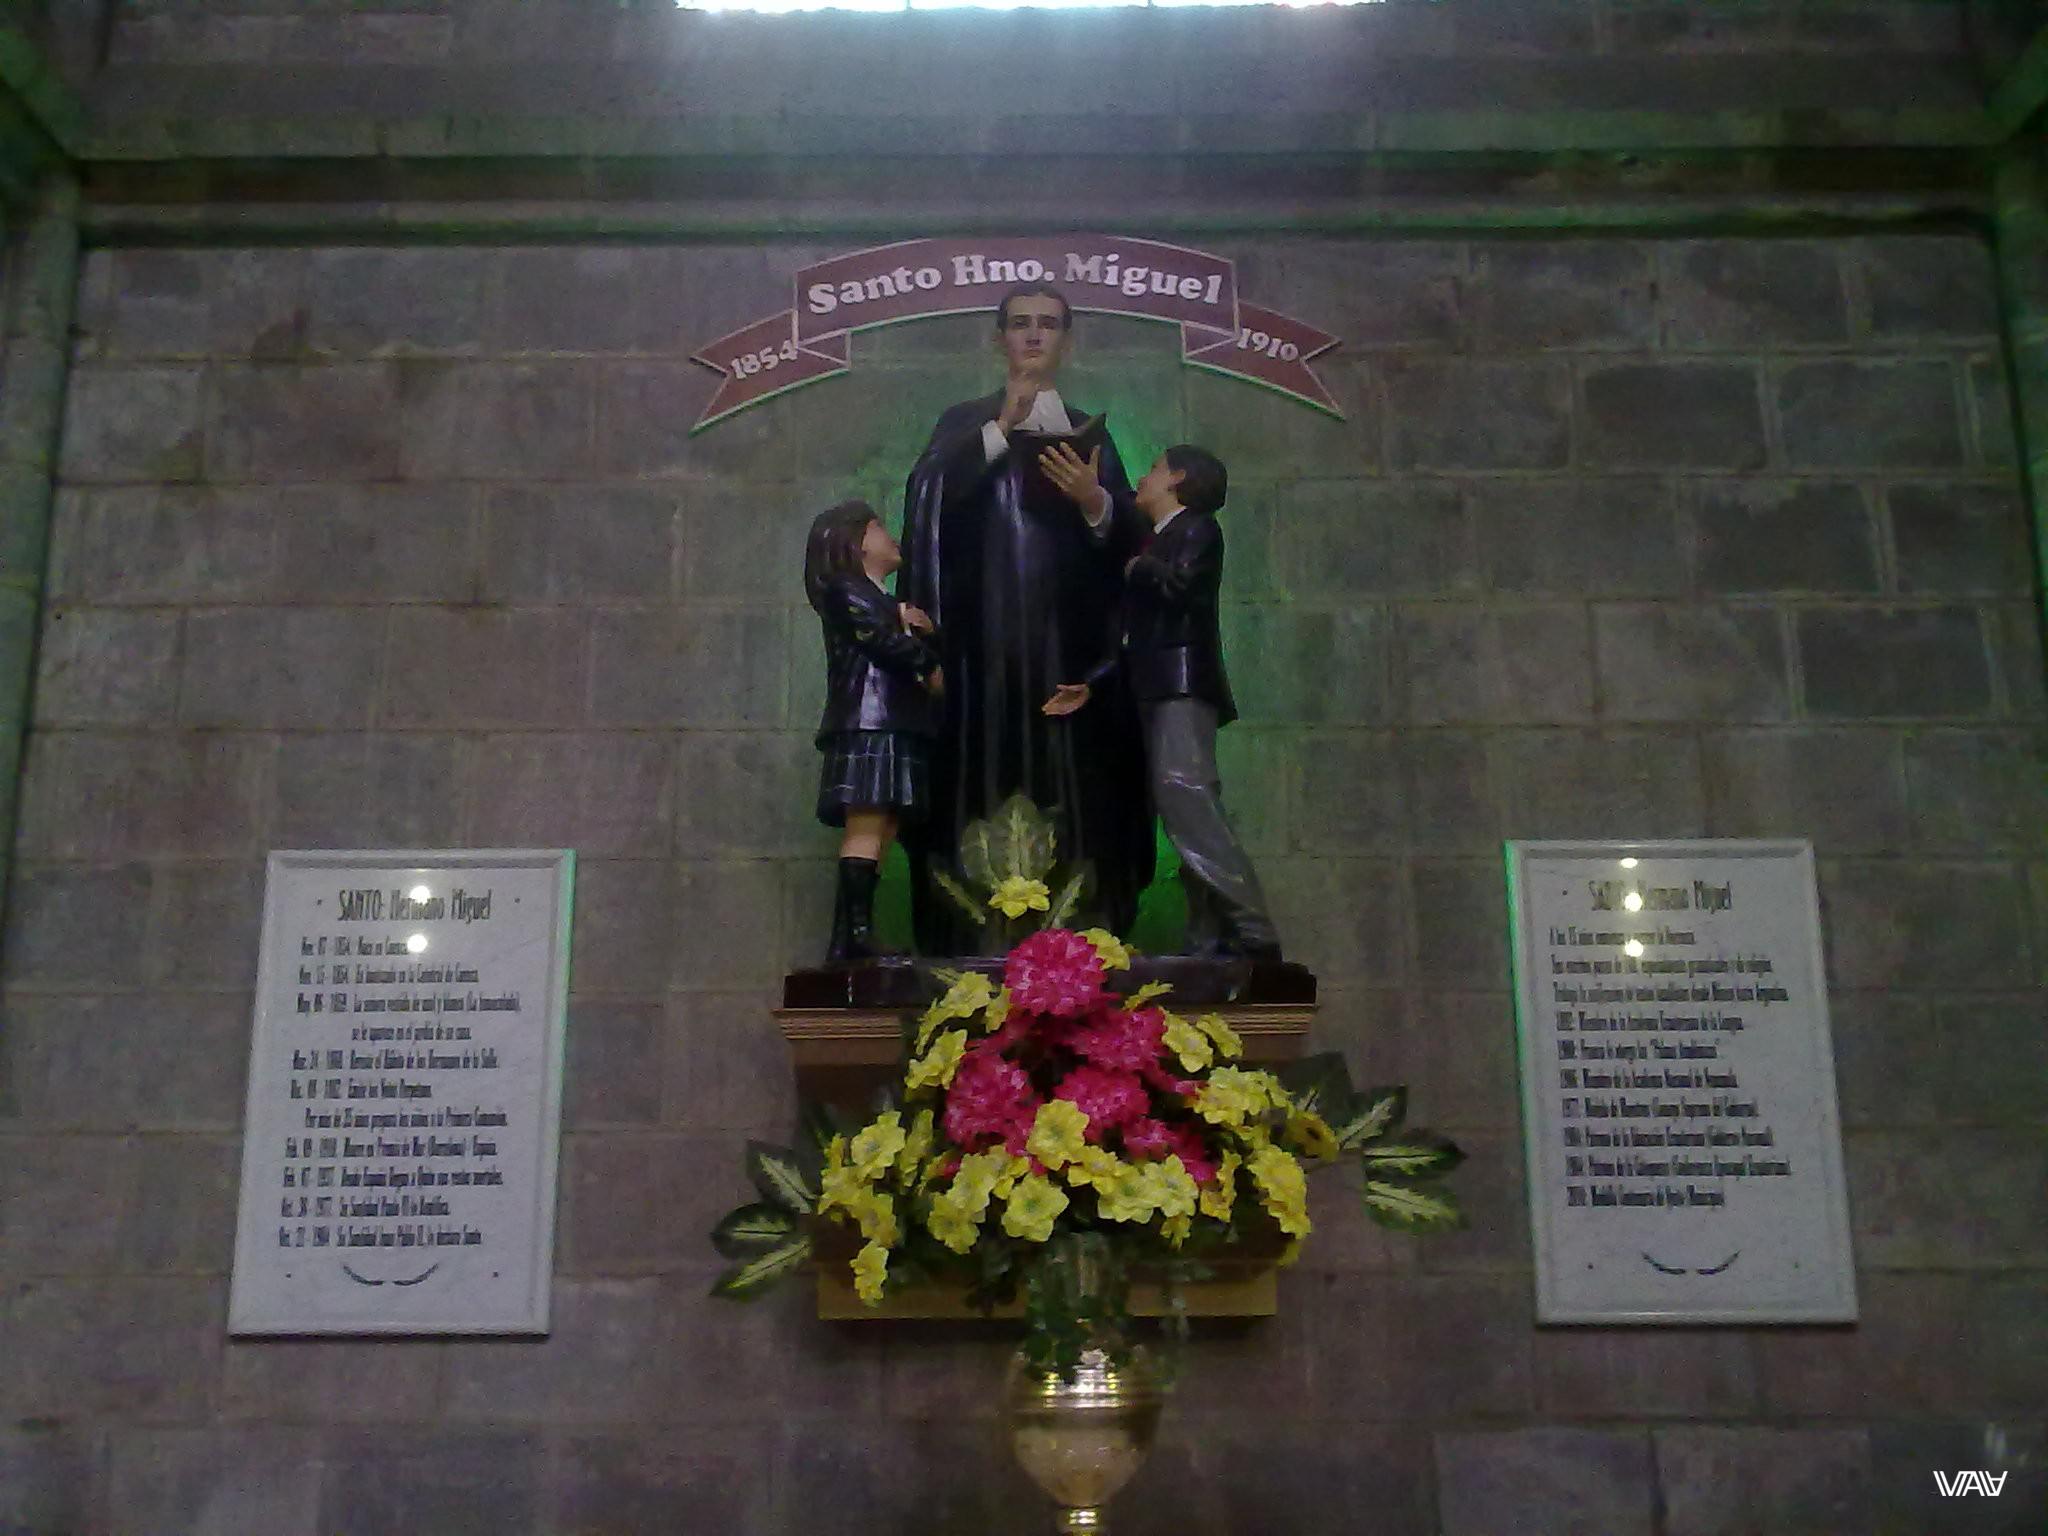 Хмм, Святой Мигель... Испорченная я вижу совсем не то, что хотели показать в Базилика дель Вото Насьеналь, Кито, Эквадор